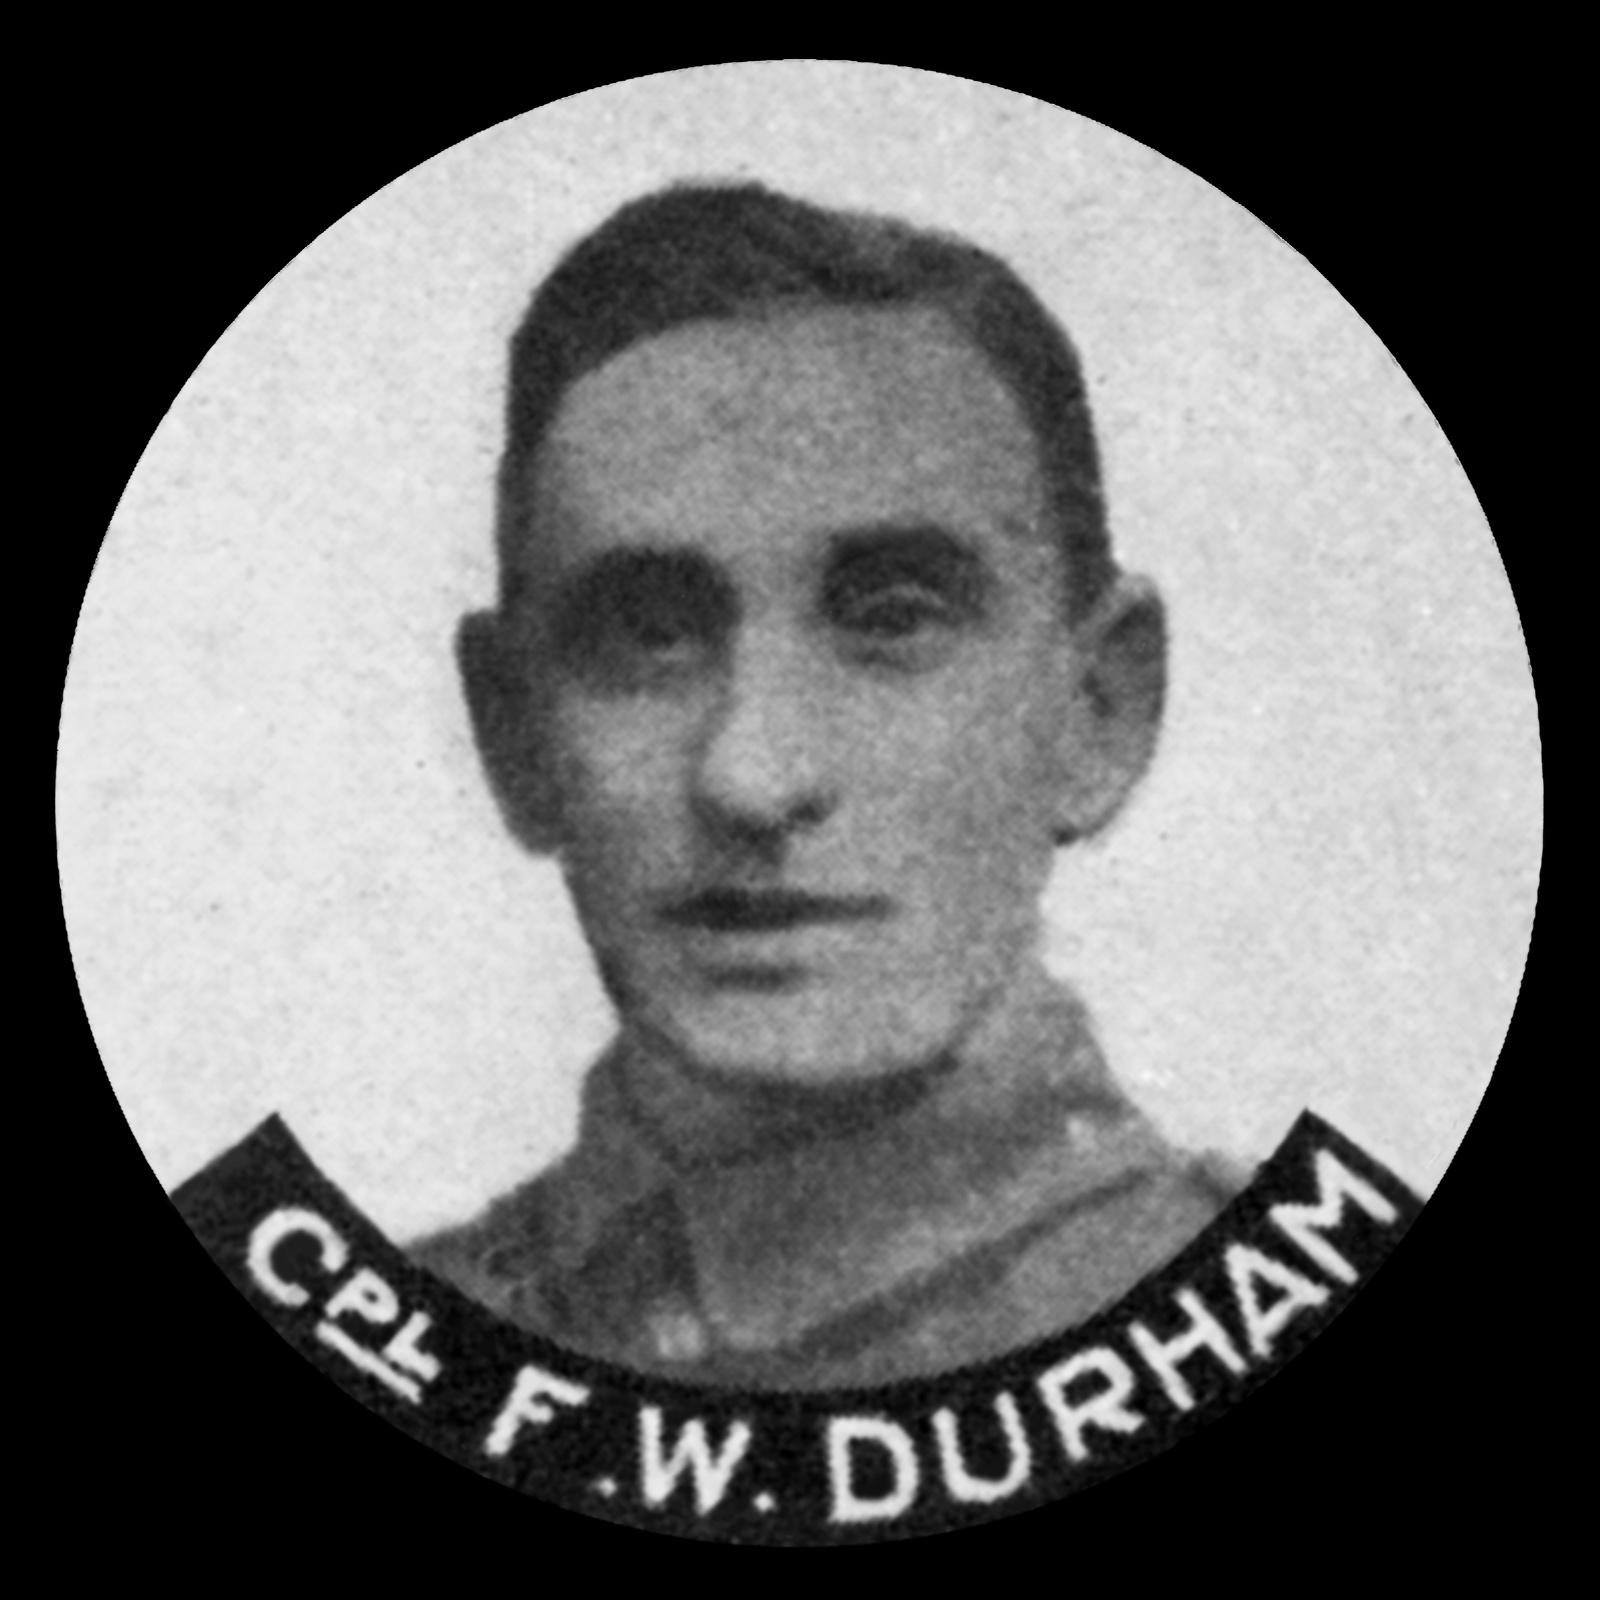 DURHAM Frederick William